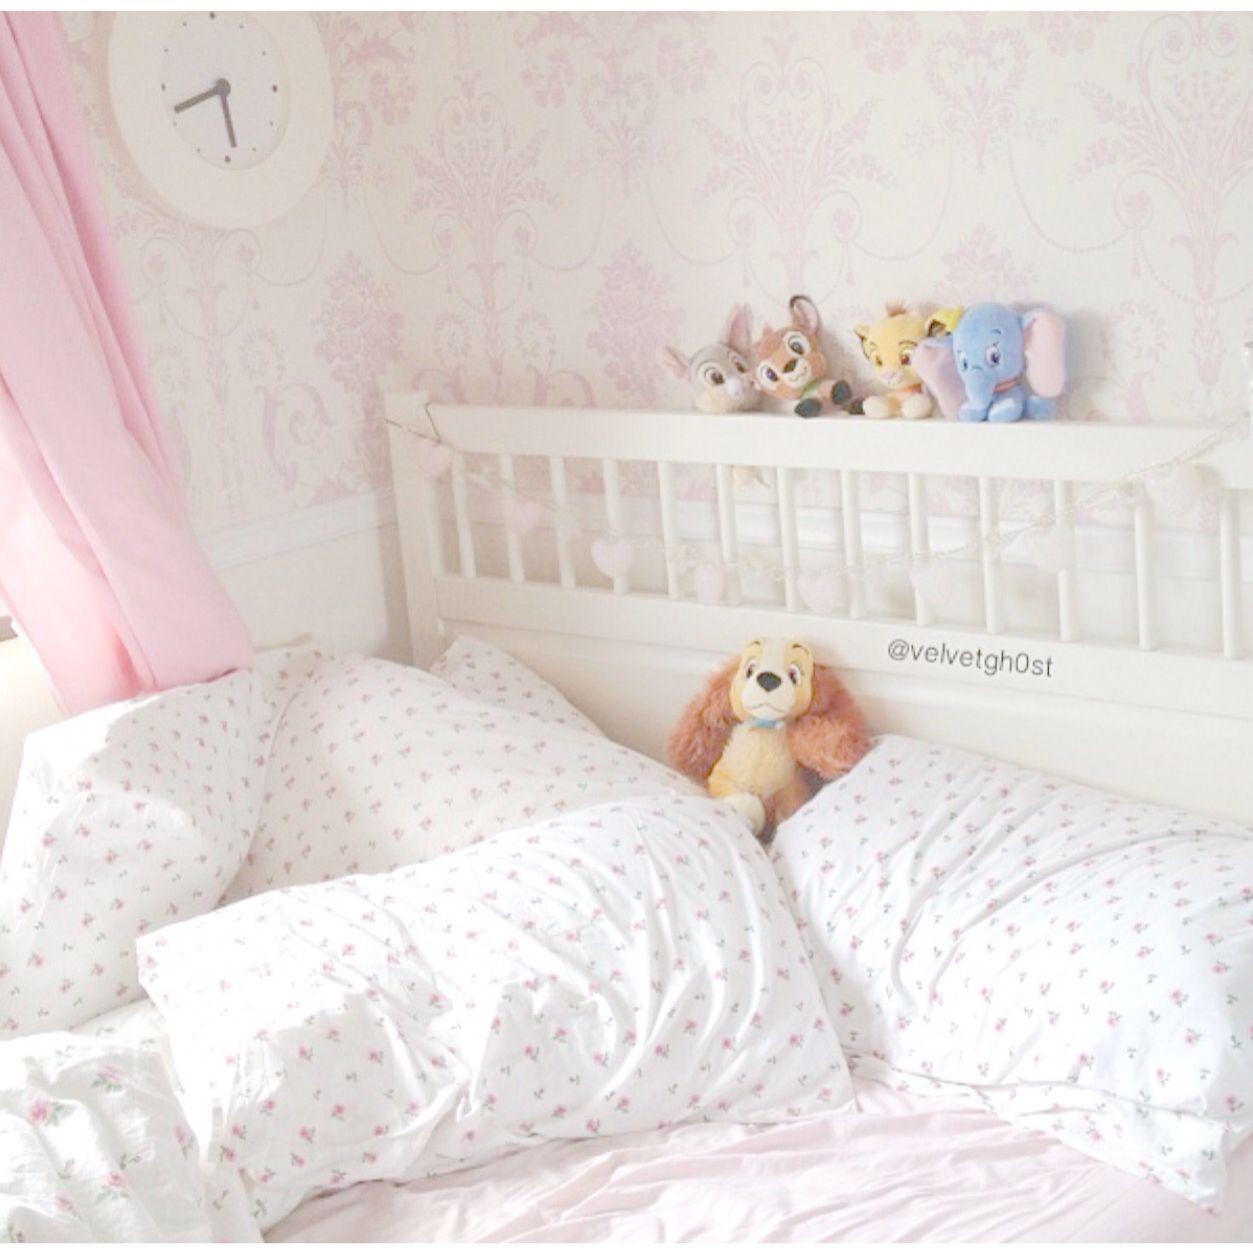 pin by emme hiler on aesthetically pleasing schlafzimmer ideen schlafzimmer sch ner wohnen. Black Bedroom Furniture Sets. Home Design Ideas